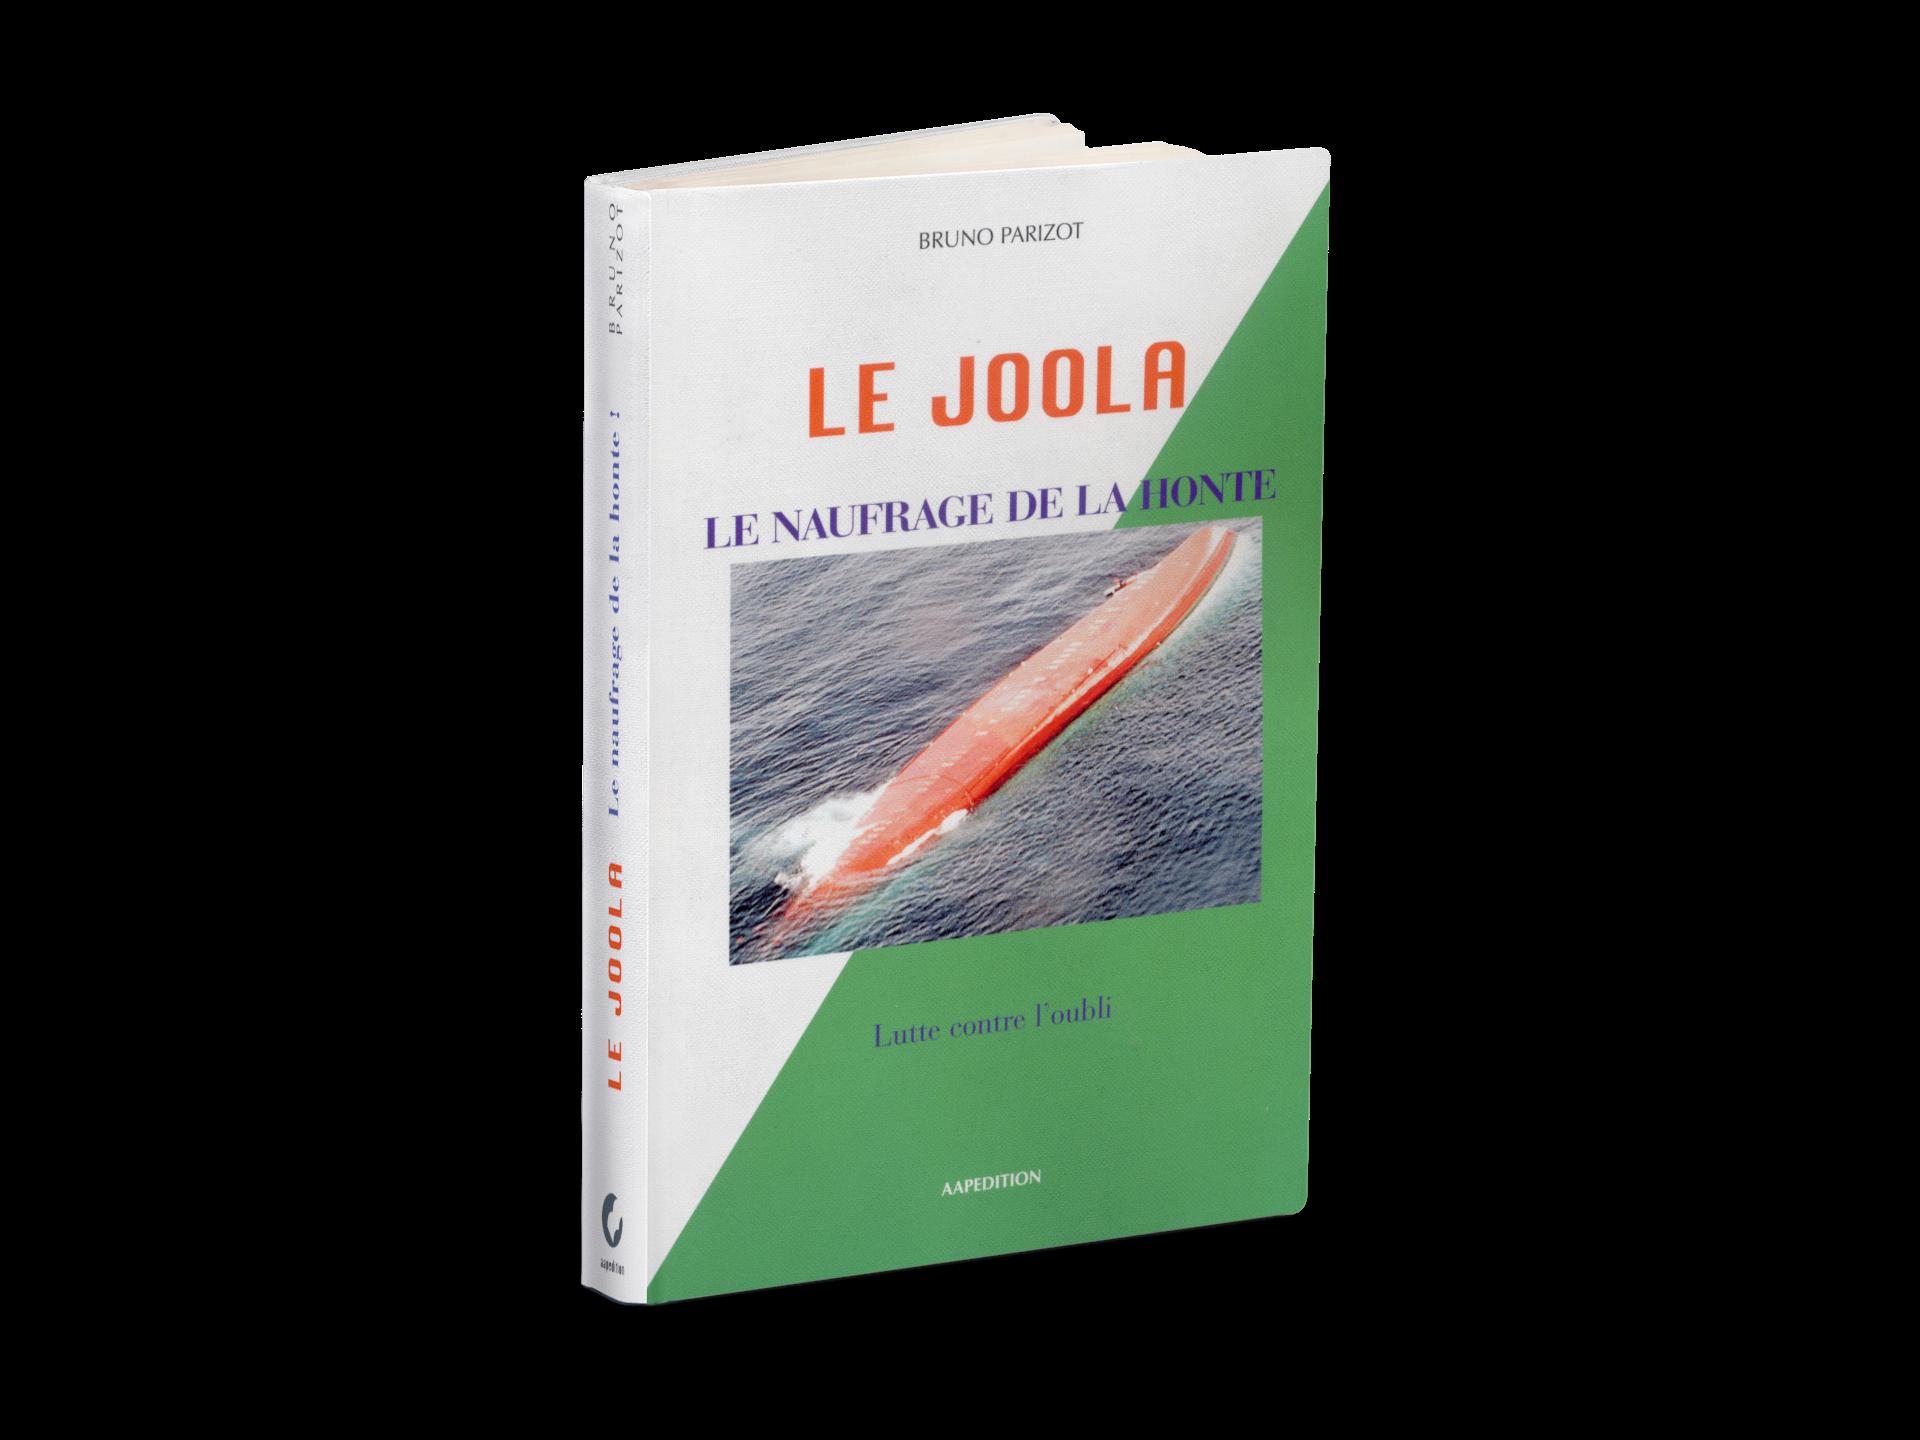 Le Joola. Le naufrage de la honte - Bruno Parizot